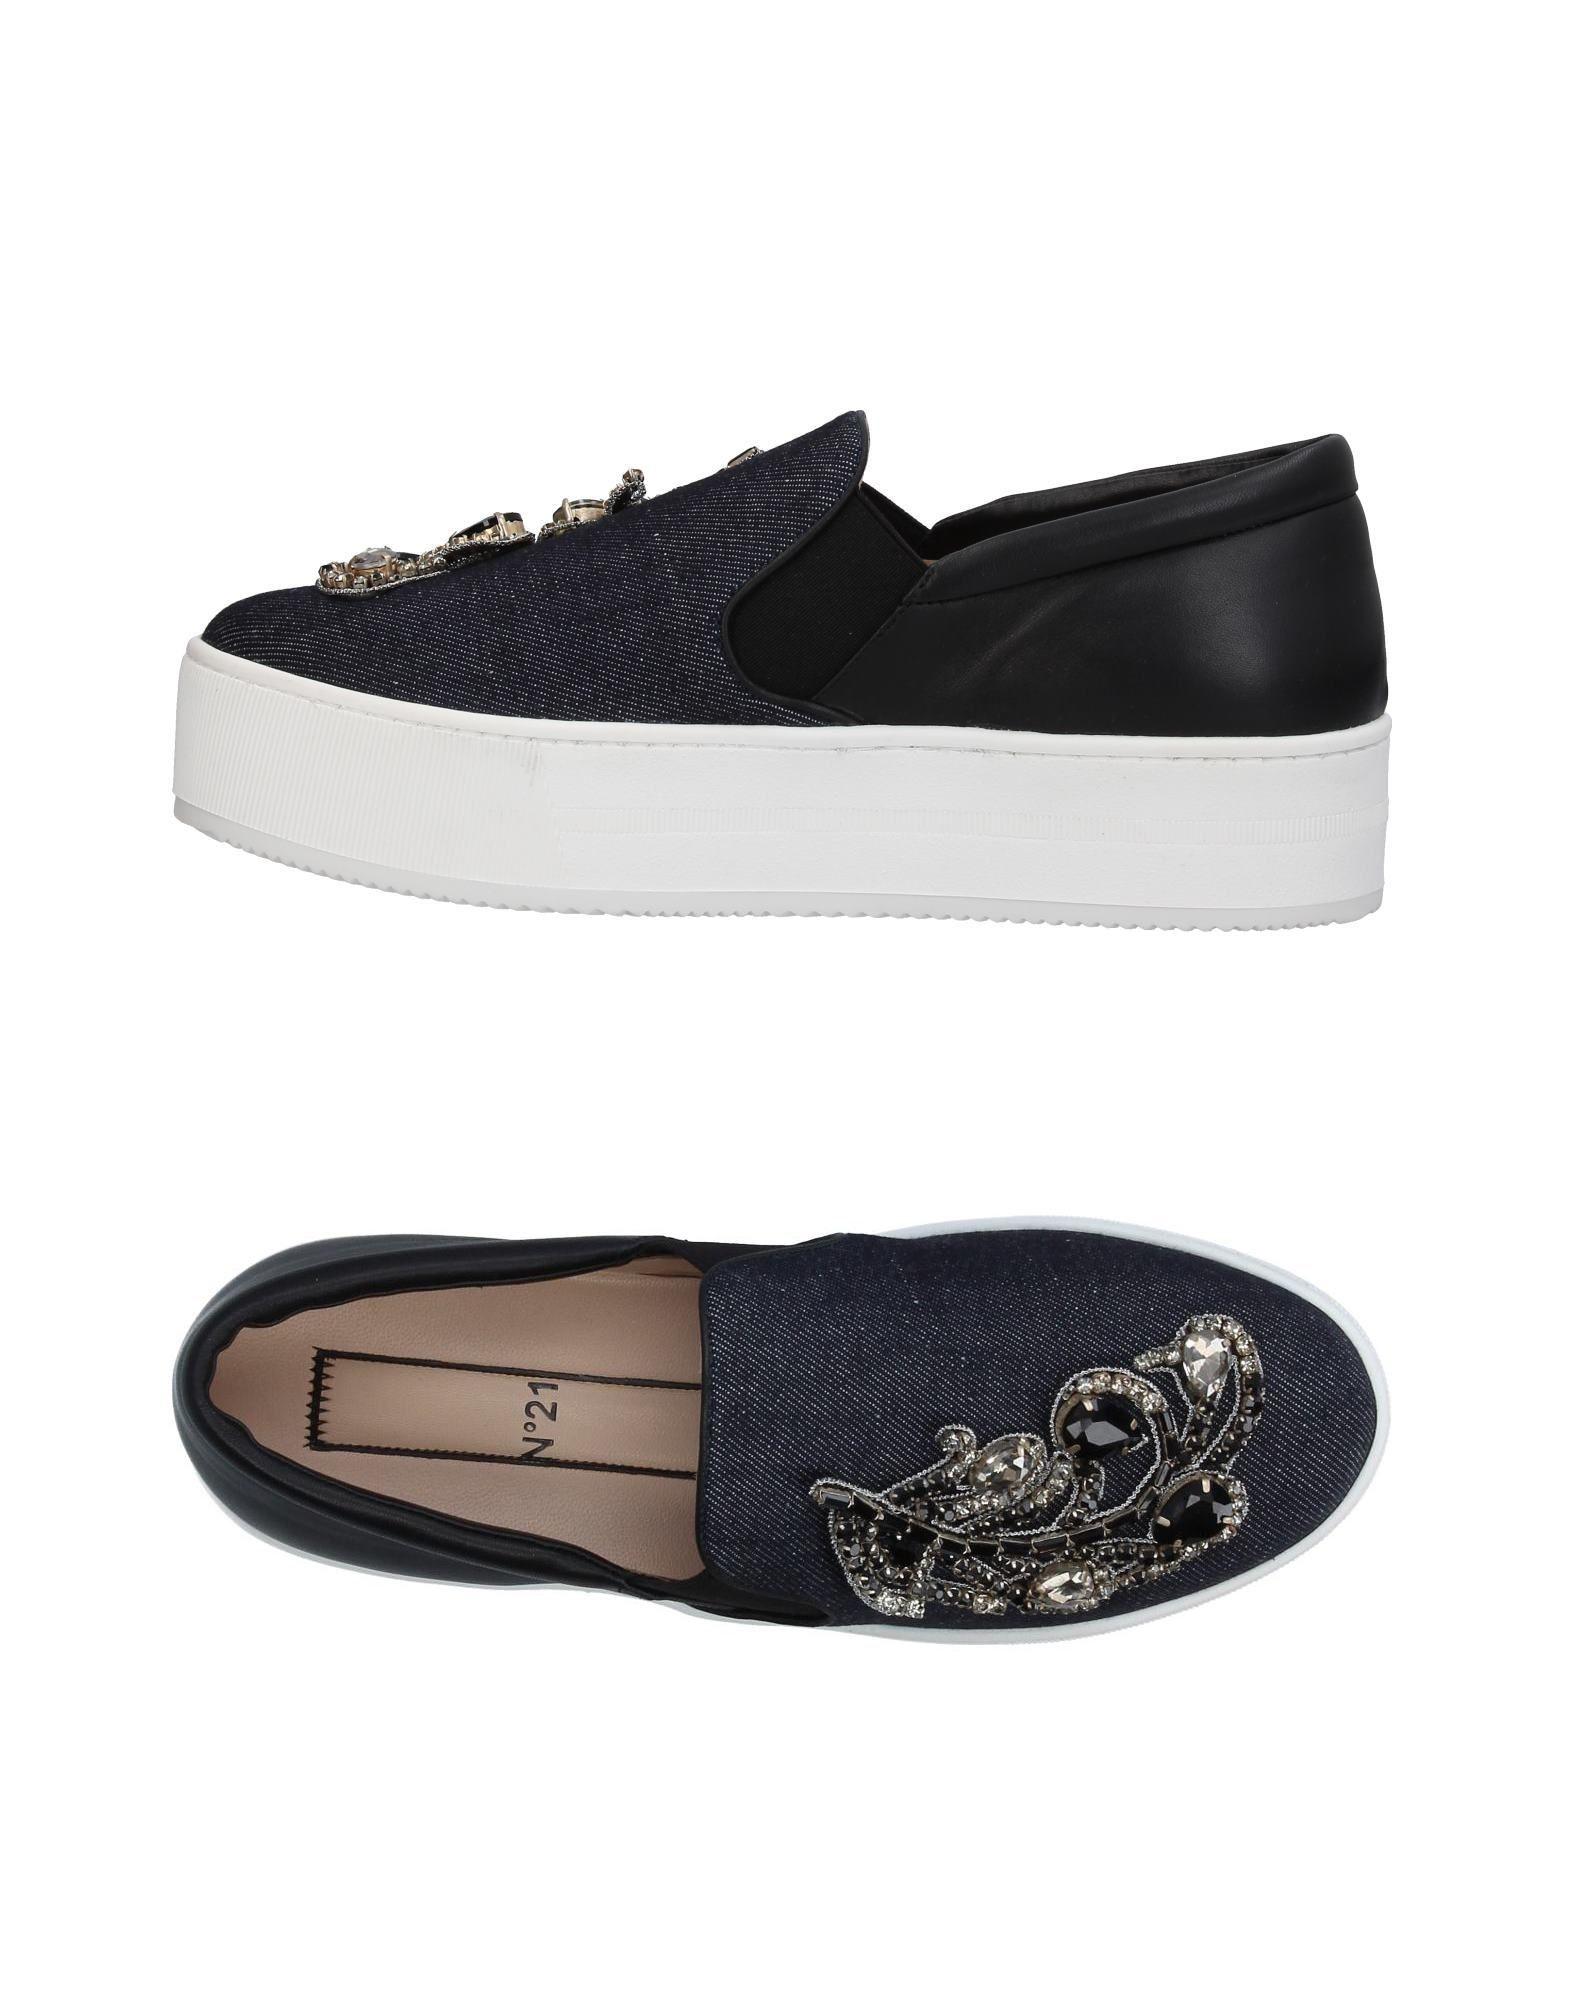 Zapatillas 21 N° 21 Zapatillas Mujer - Zapatillas N° 21  Azul marino a8eebe